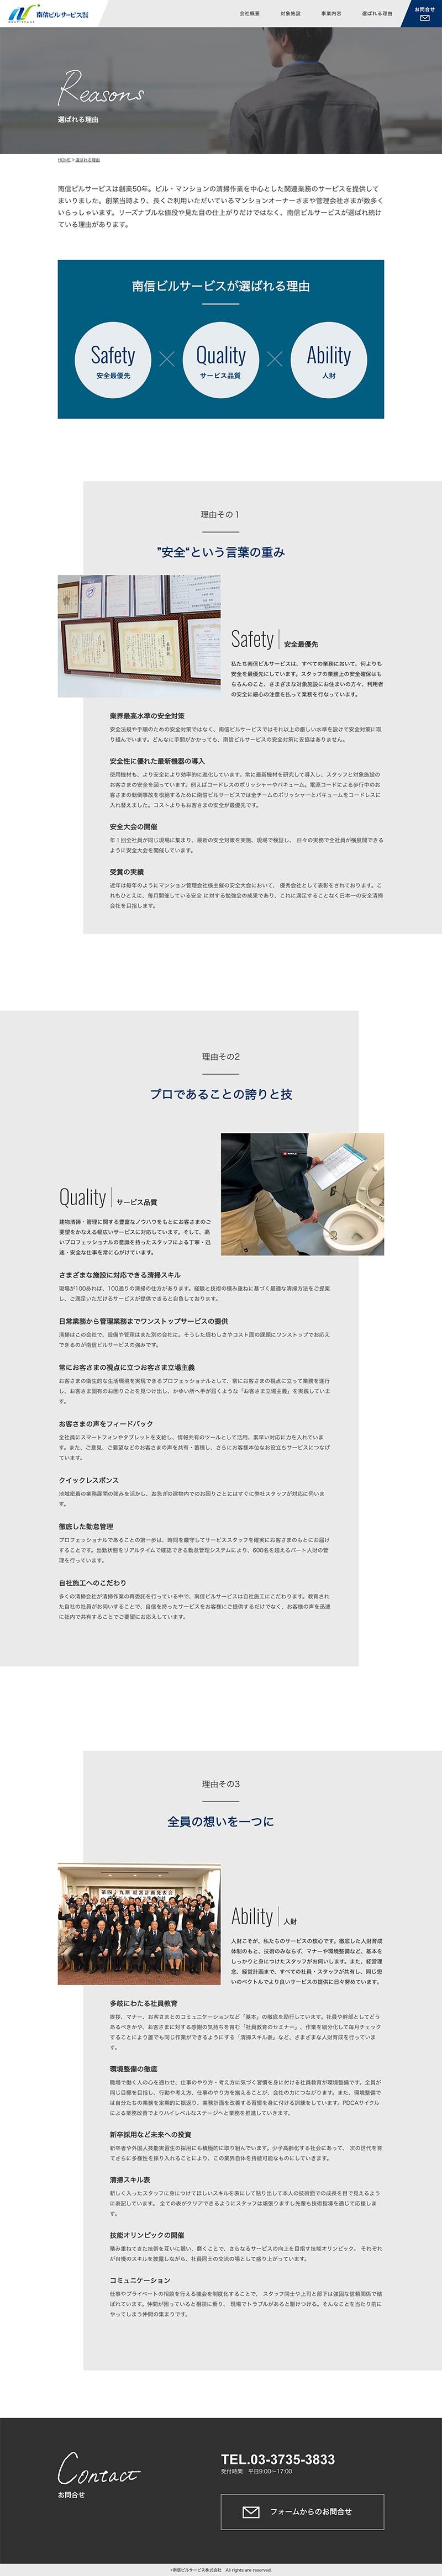 南信ビルサービス株式会社様・コーポレートサイト